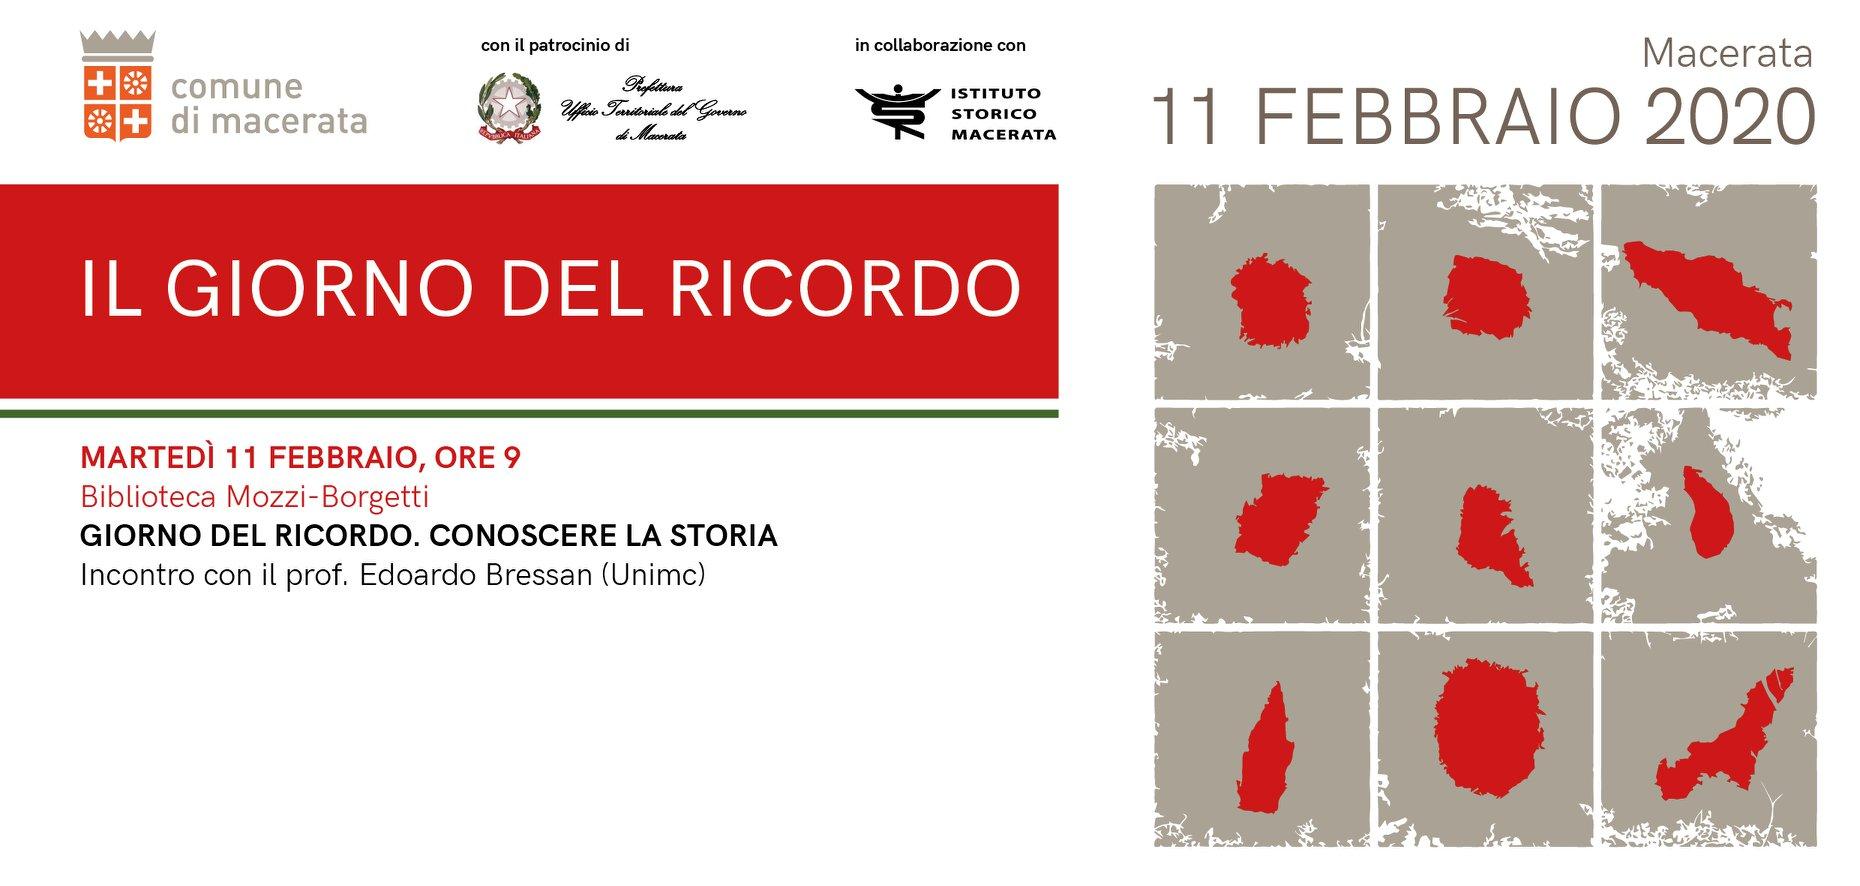 Giorno del Ricordo, a Macerata incontro con gli studenti